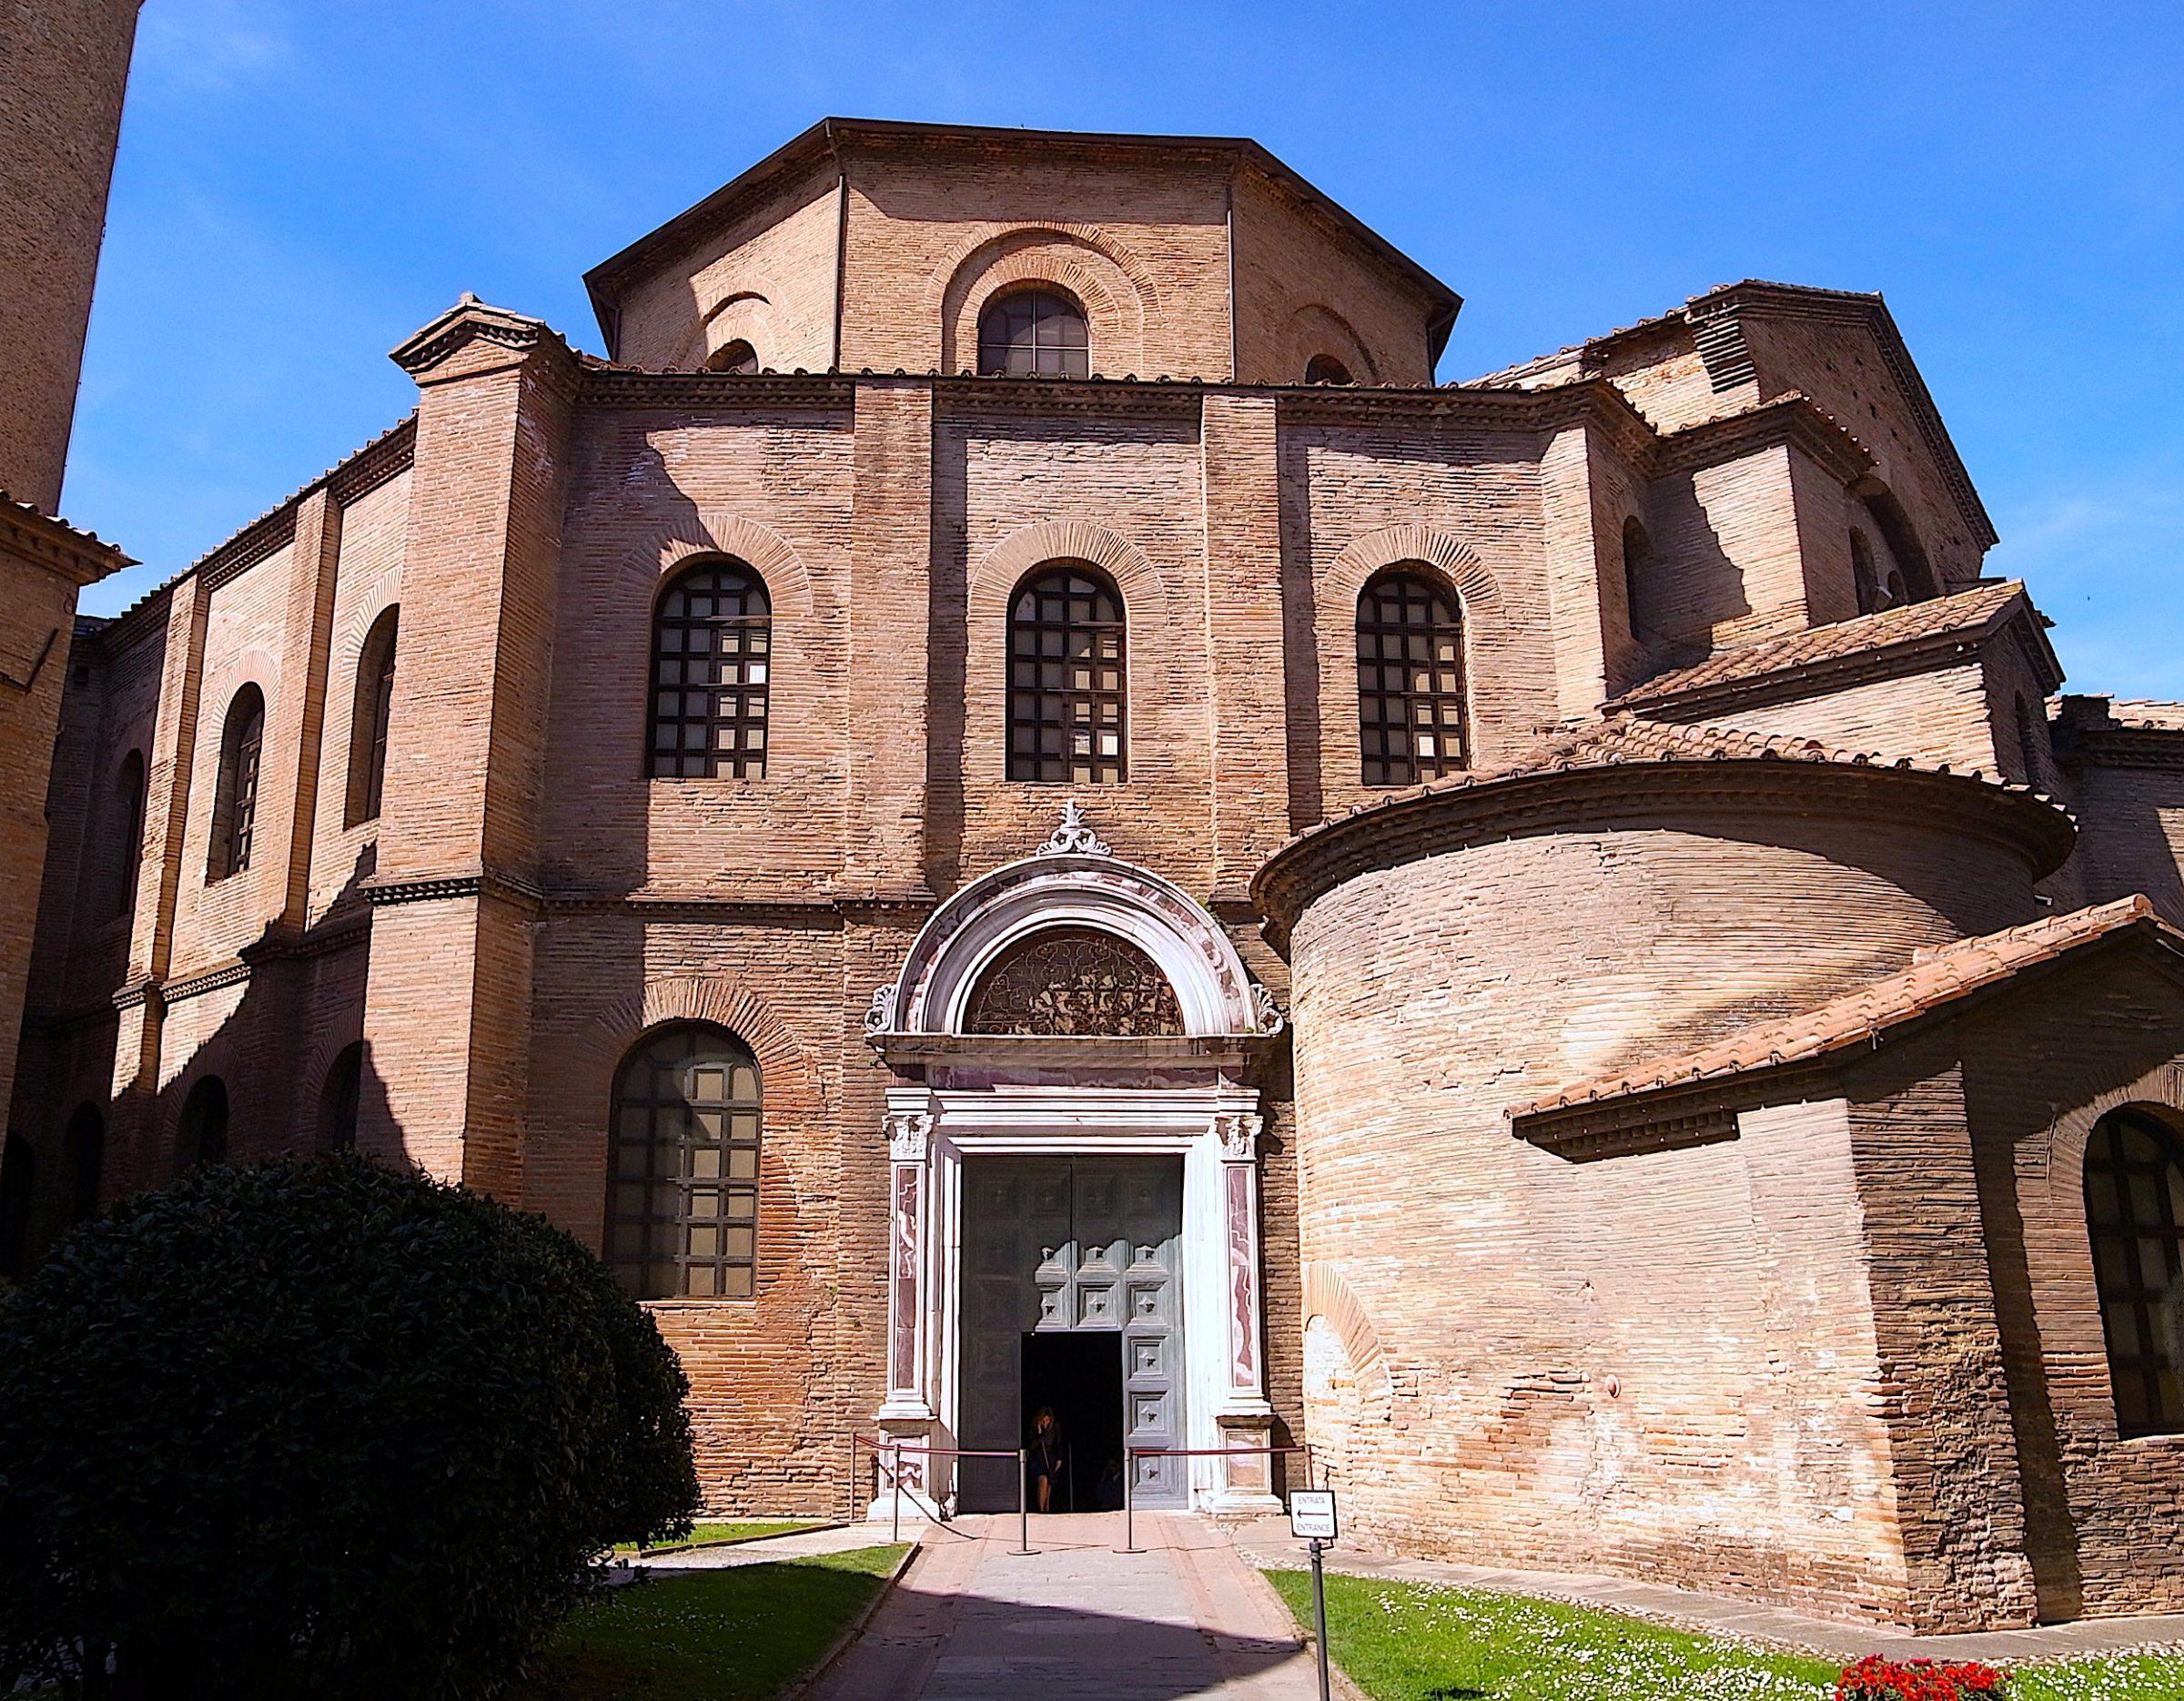 サンヴィターレ聖堂 ラヴェンナ